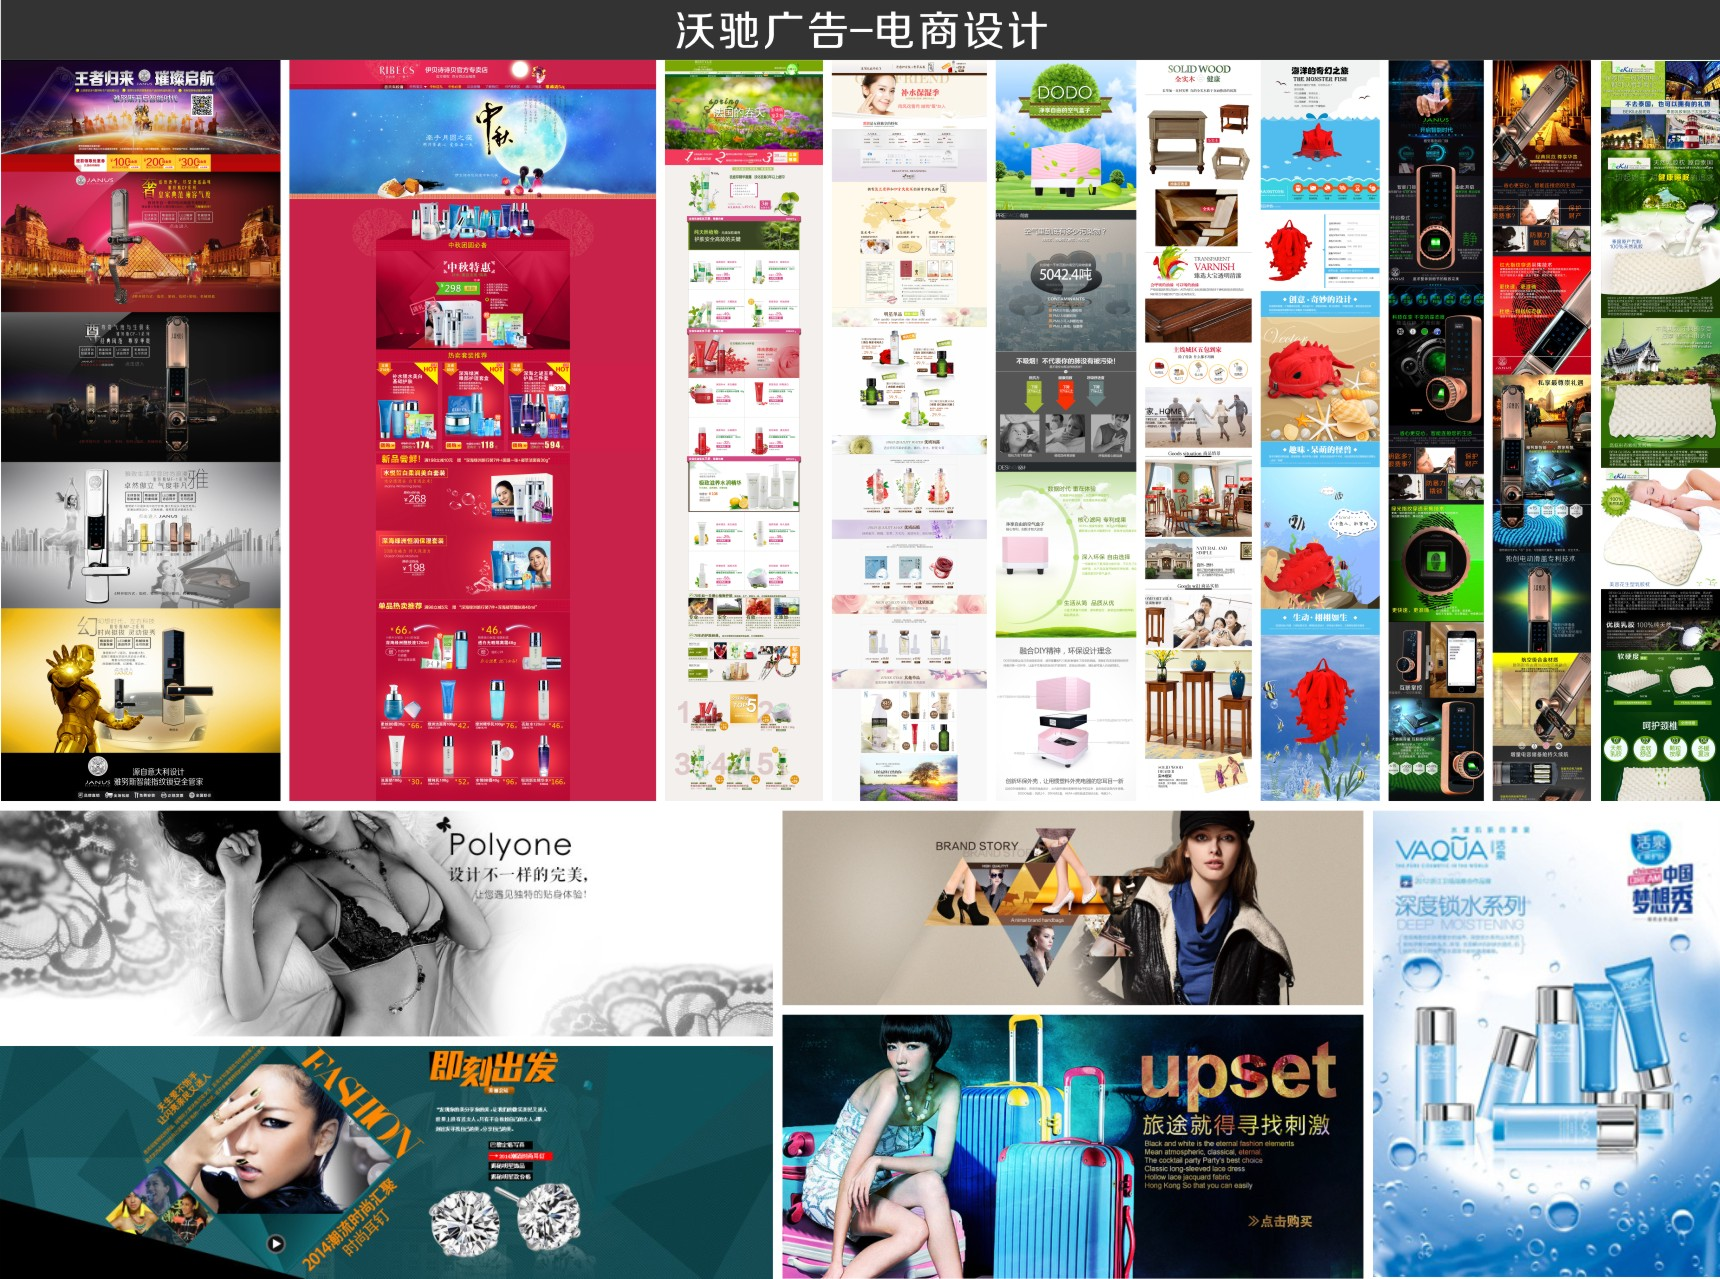 【沃驰广告】企业文化 商业策划 品牌策划 活动策划 市场营销策划_商务服务>>开办公司>>商业策划